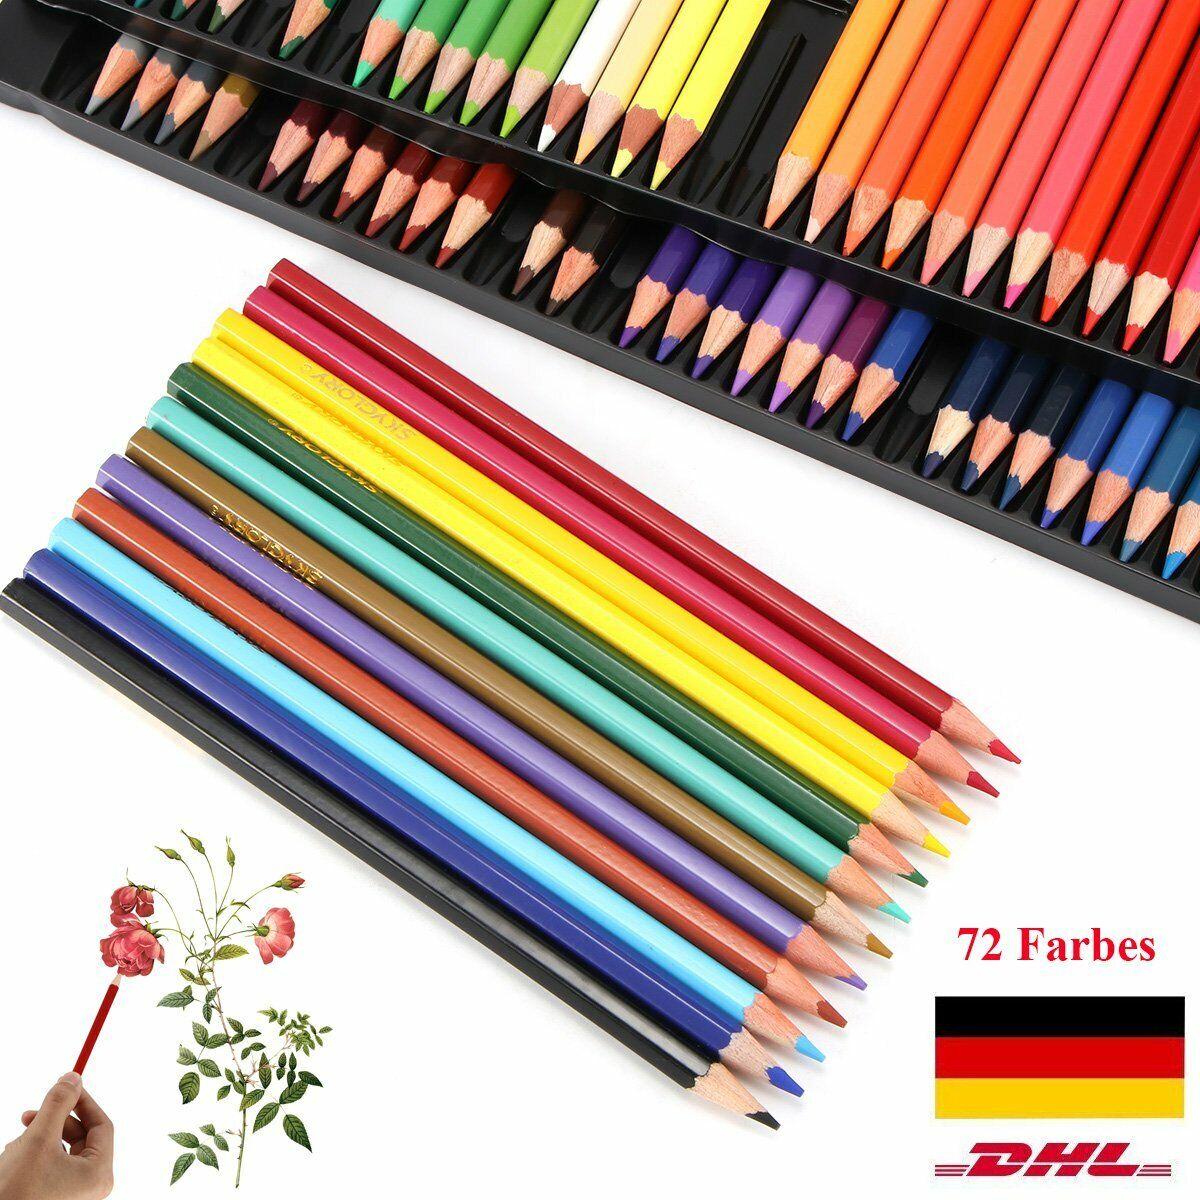 72 tlg Set Buntstifte Farbstifte Malstifte Zeichenstifte Buntstift Malstift Etui